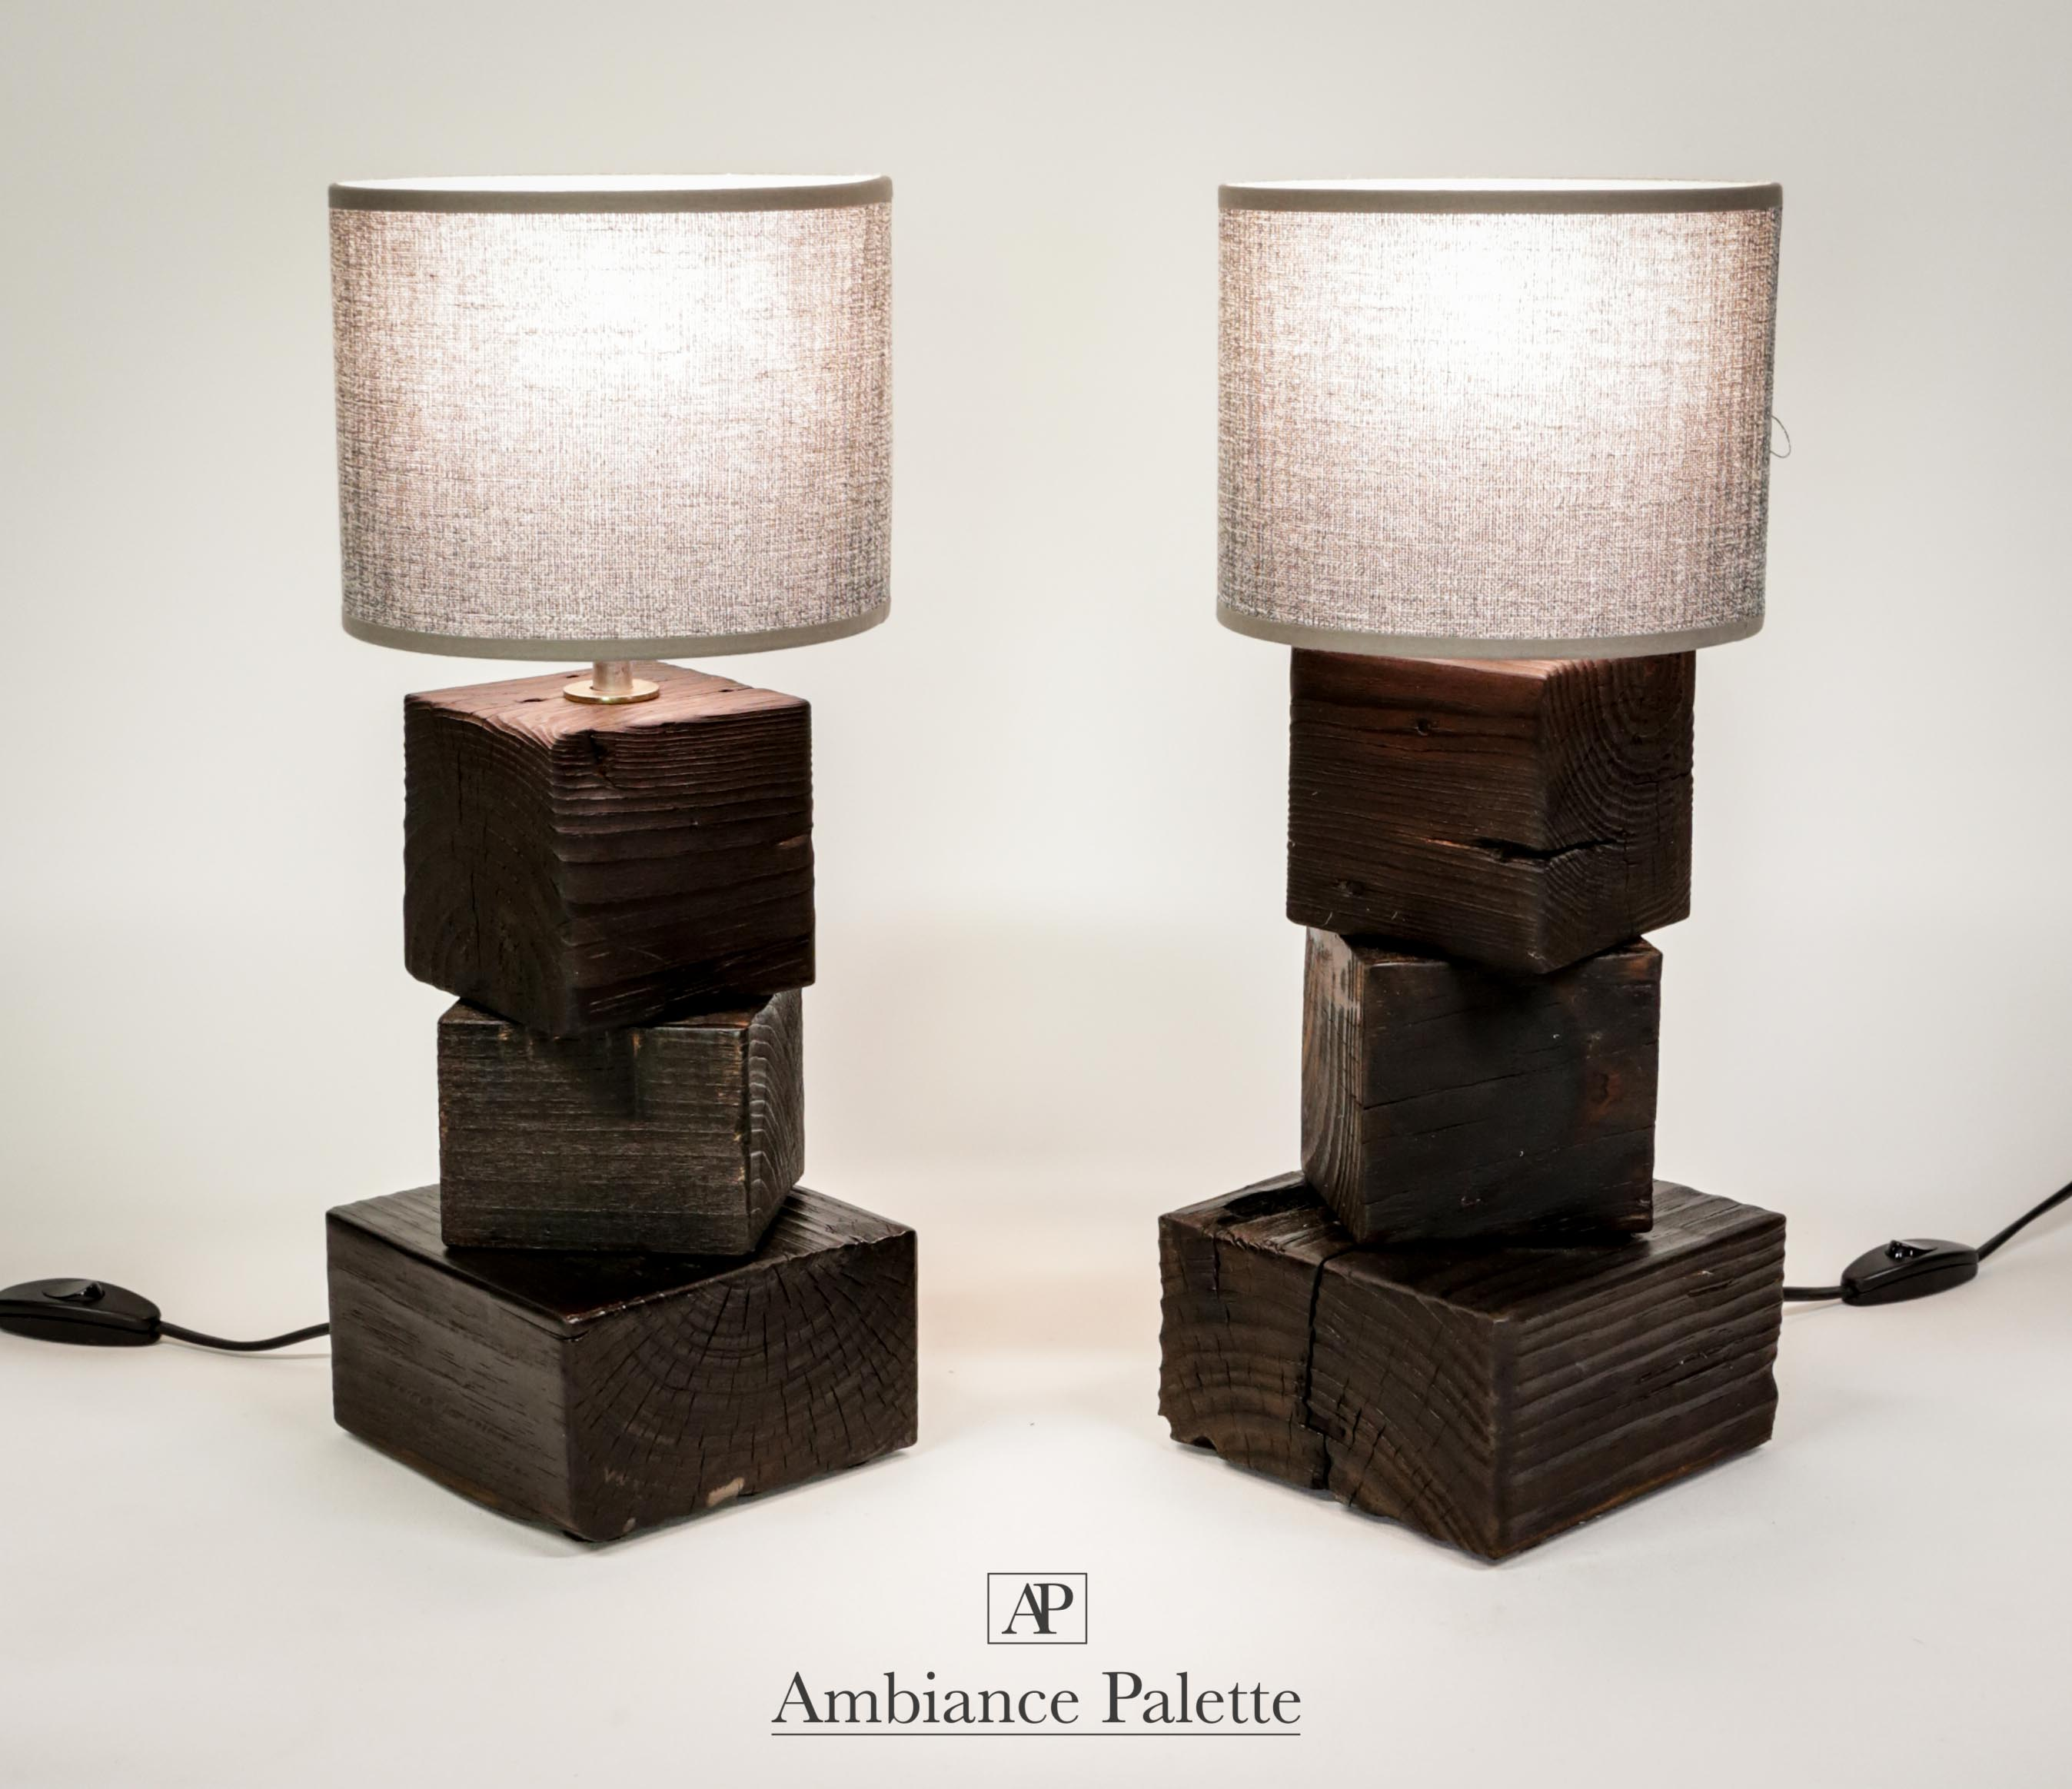 ambiance palette : création de mobilier en palette sur mesure